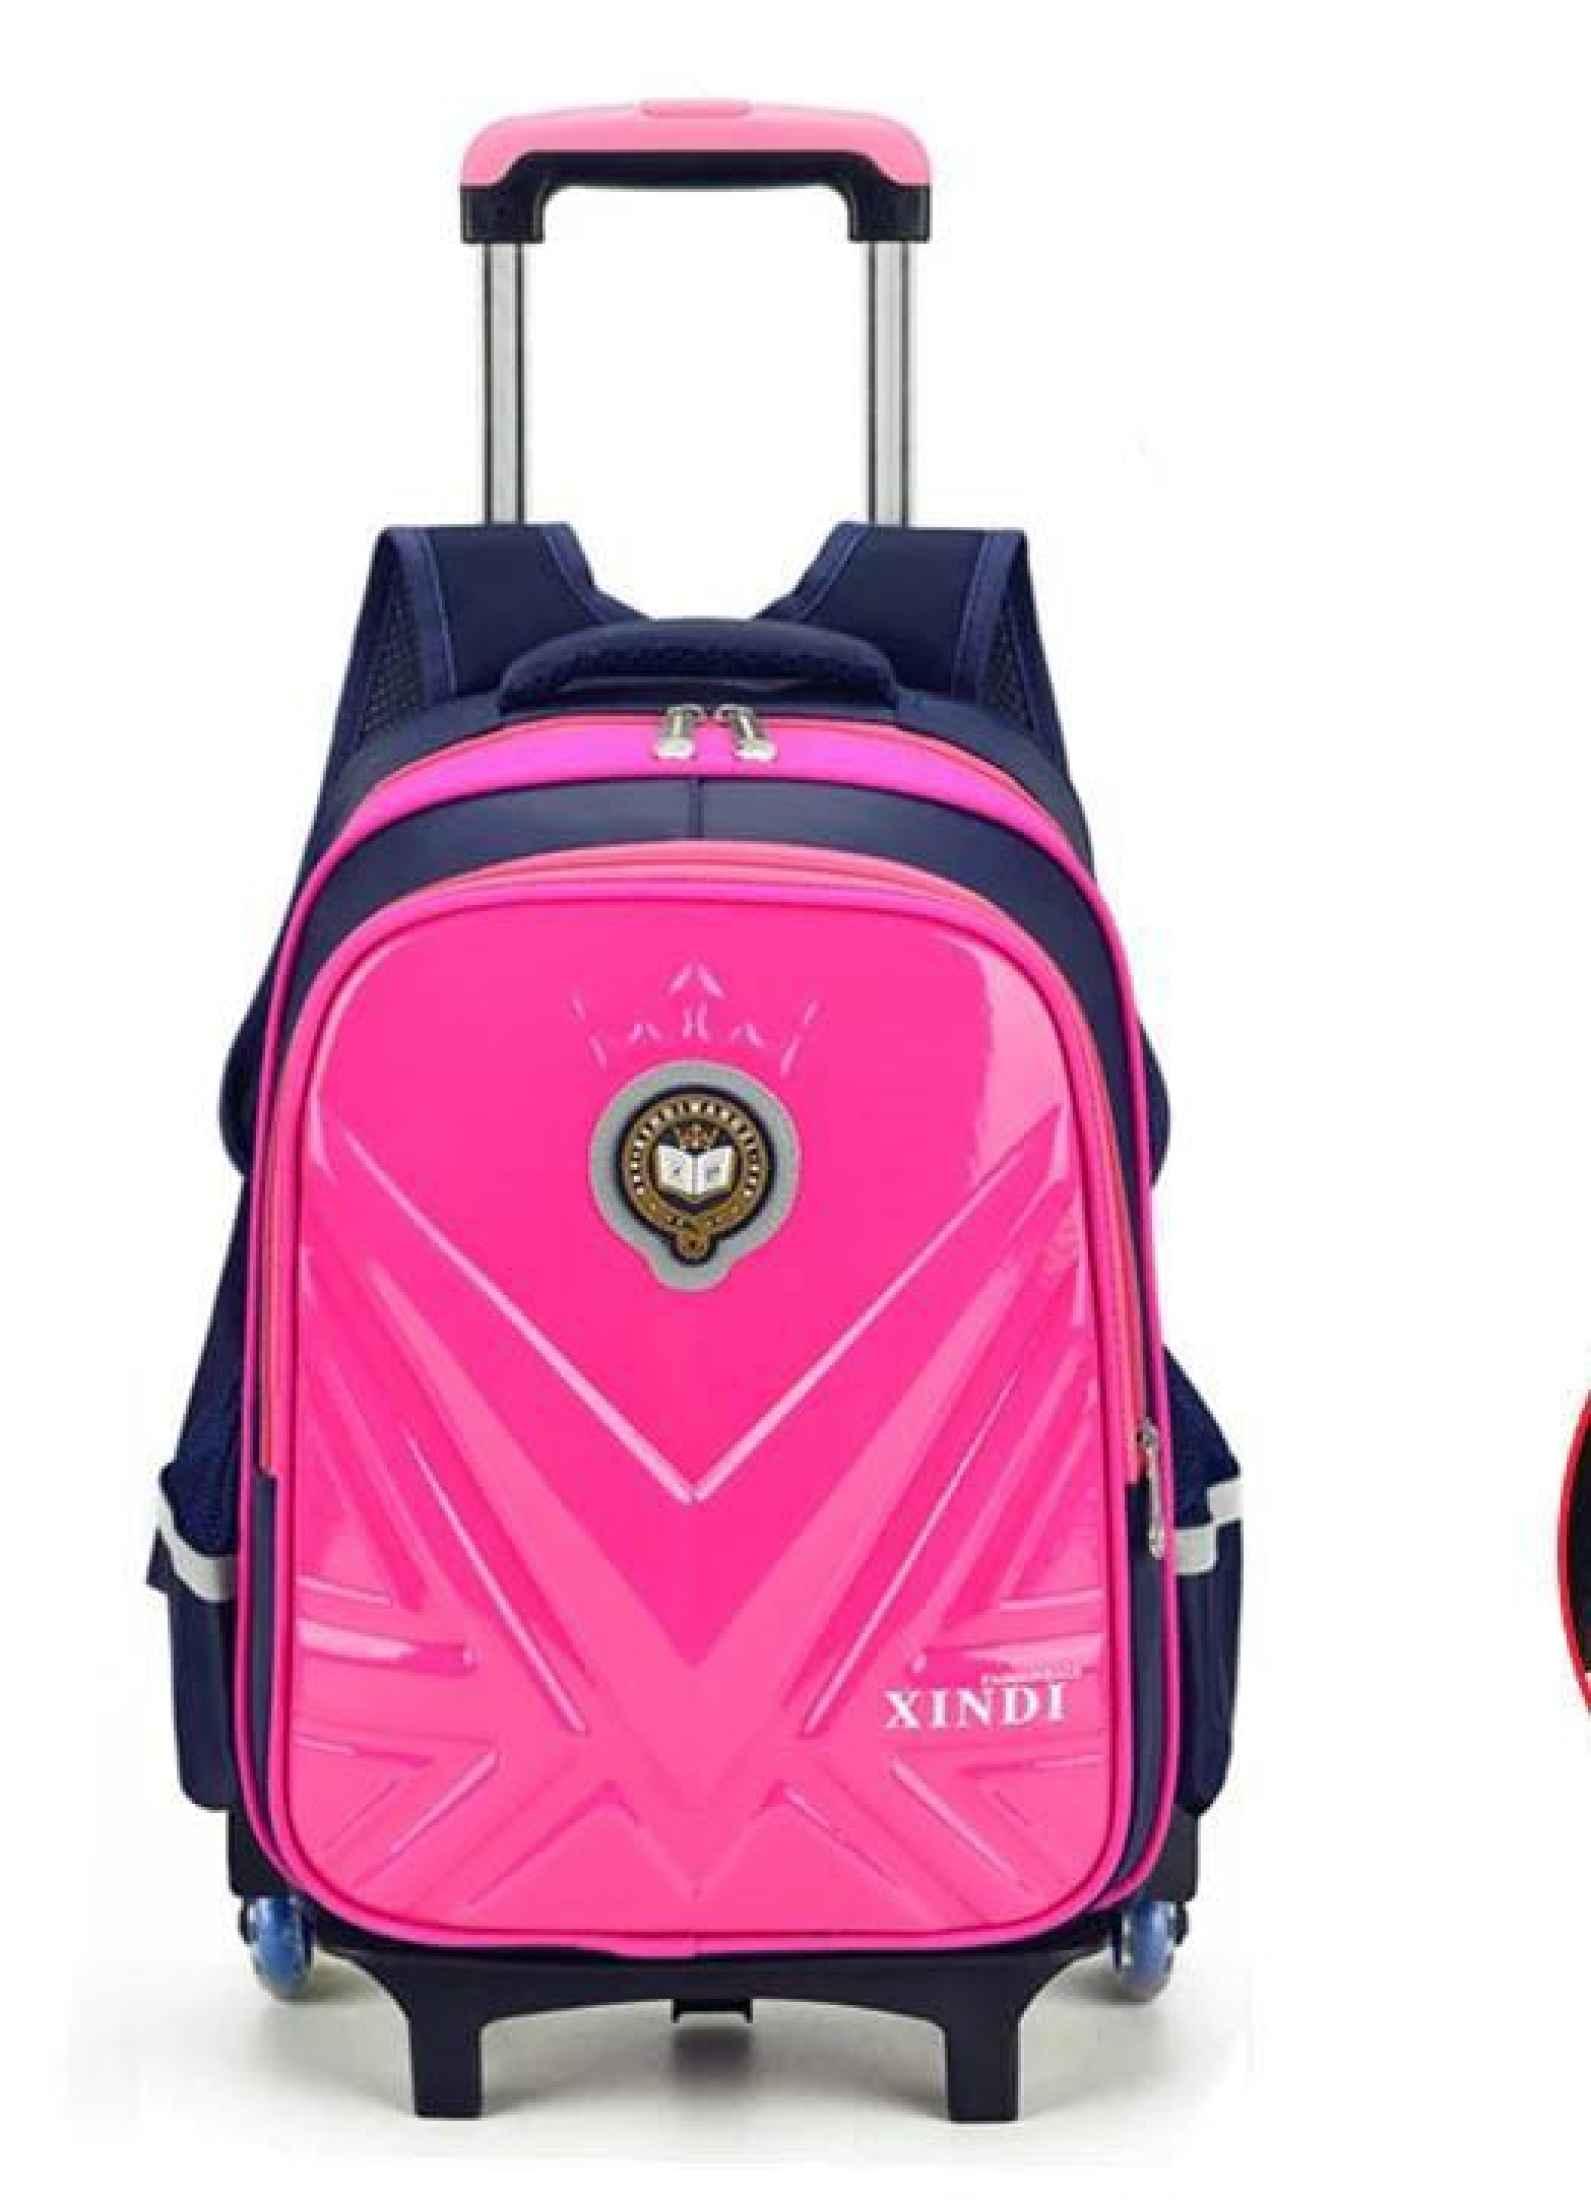 Trolley School Backpack Wheeled Bag For Schoolbags Waterproof School Rolling Backpacks